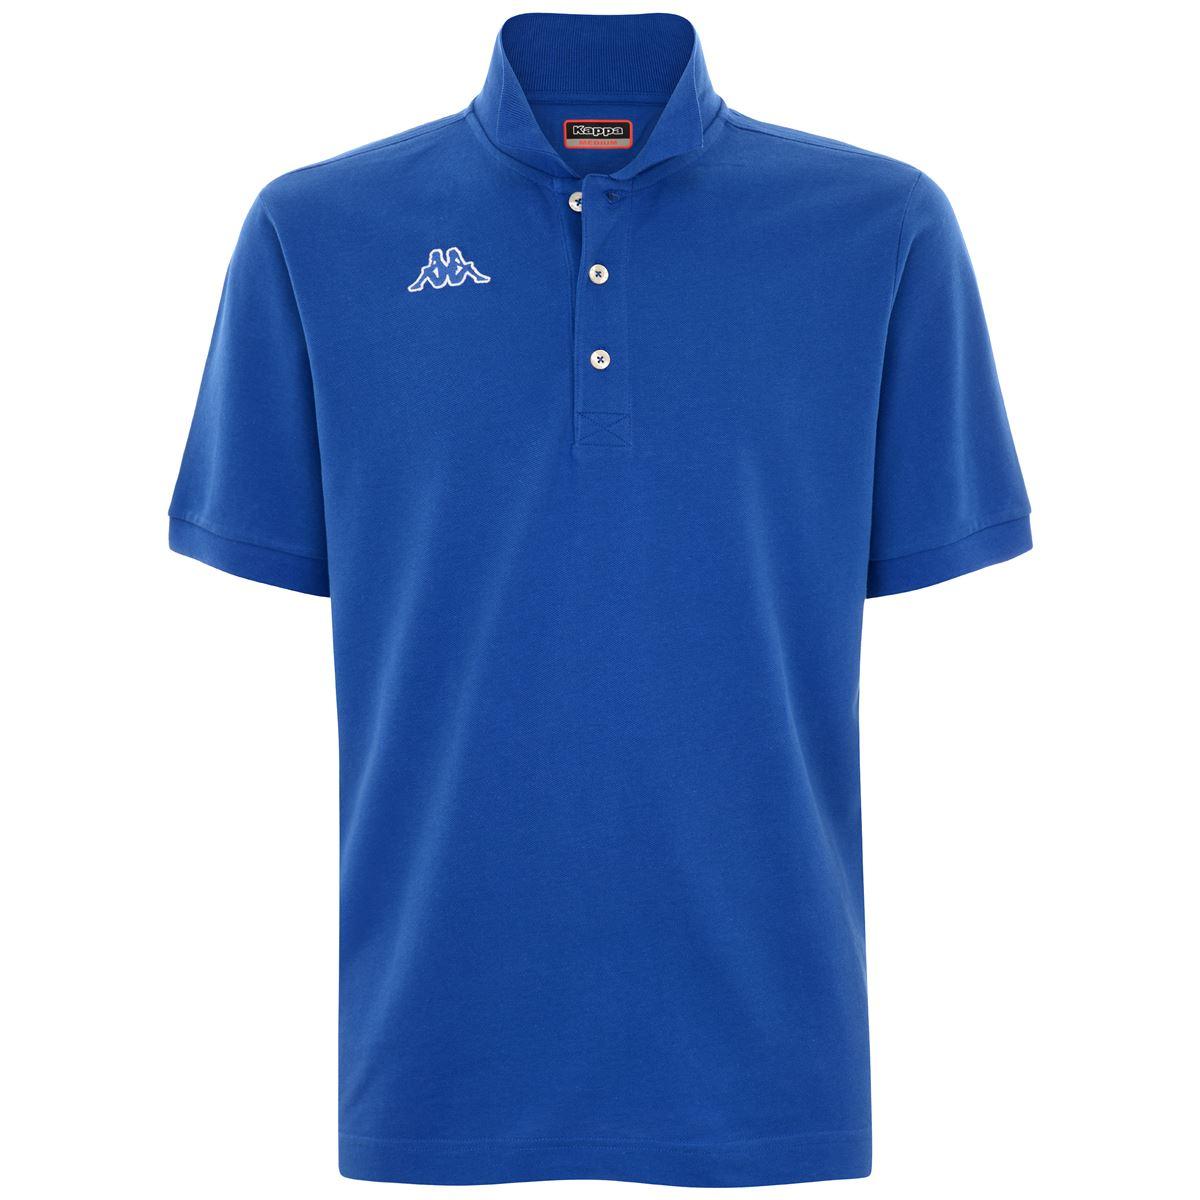 Kappa Polo Shirts uomo-302DNT0